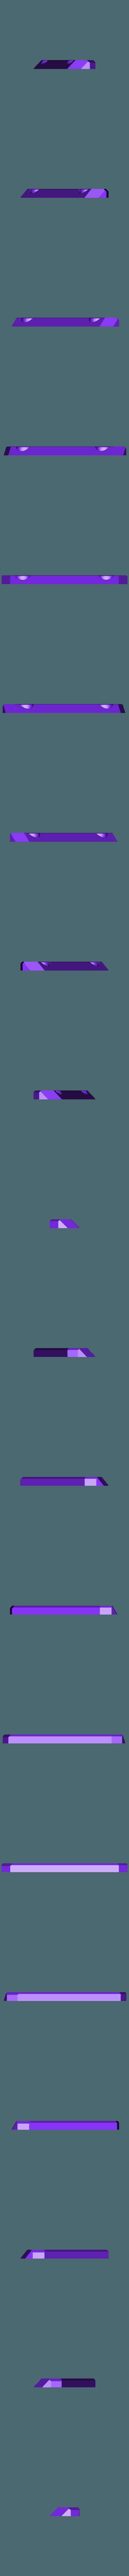 Board v1.stl Télécharger fichier STL gratuit Le casse-tête du paracord perplexe • Modèle pour imprimante 3D, PrecisionPrintingTN